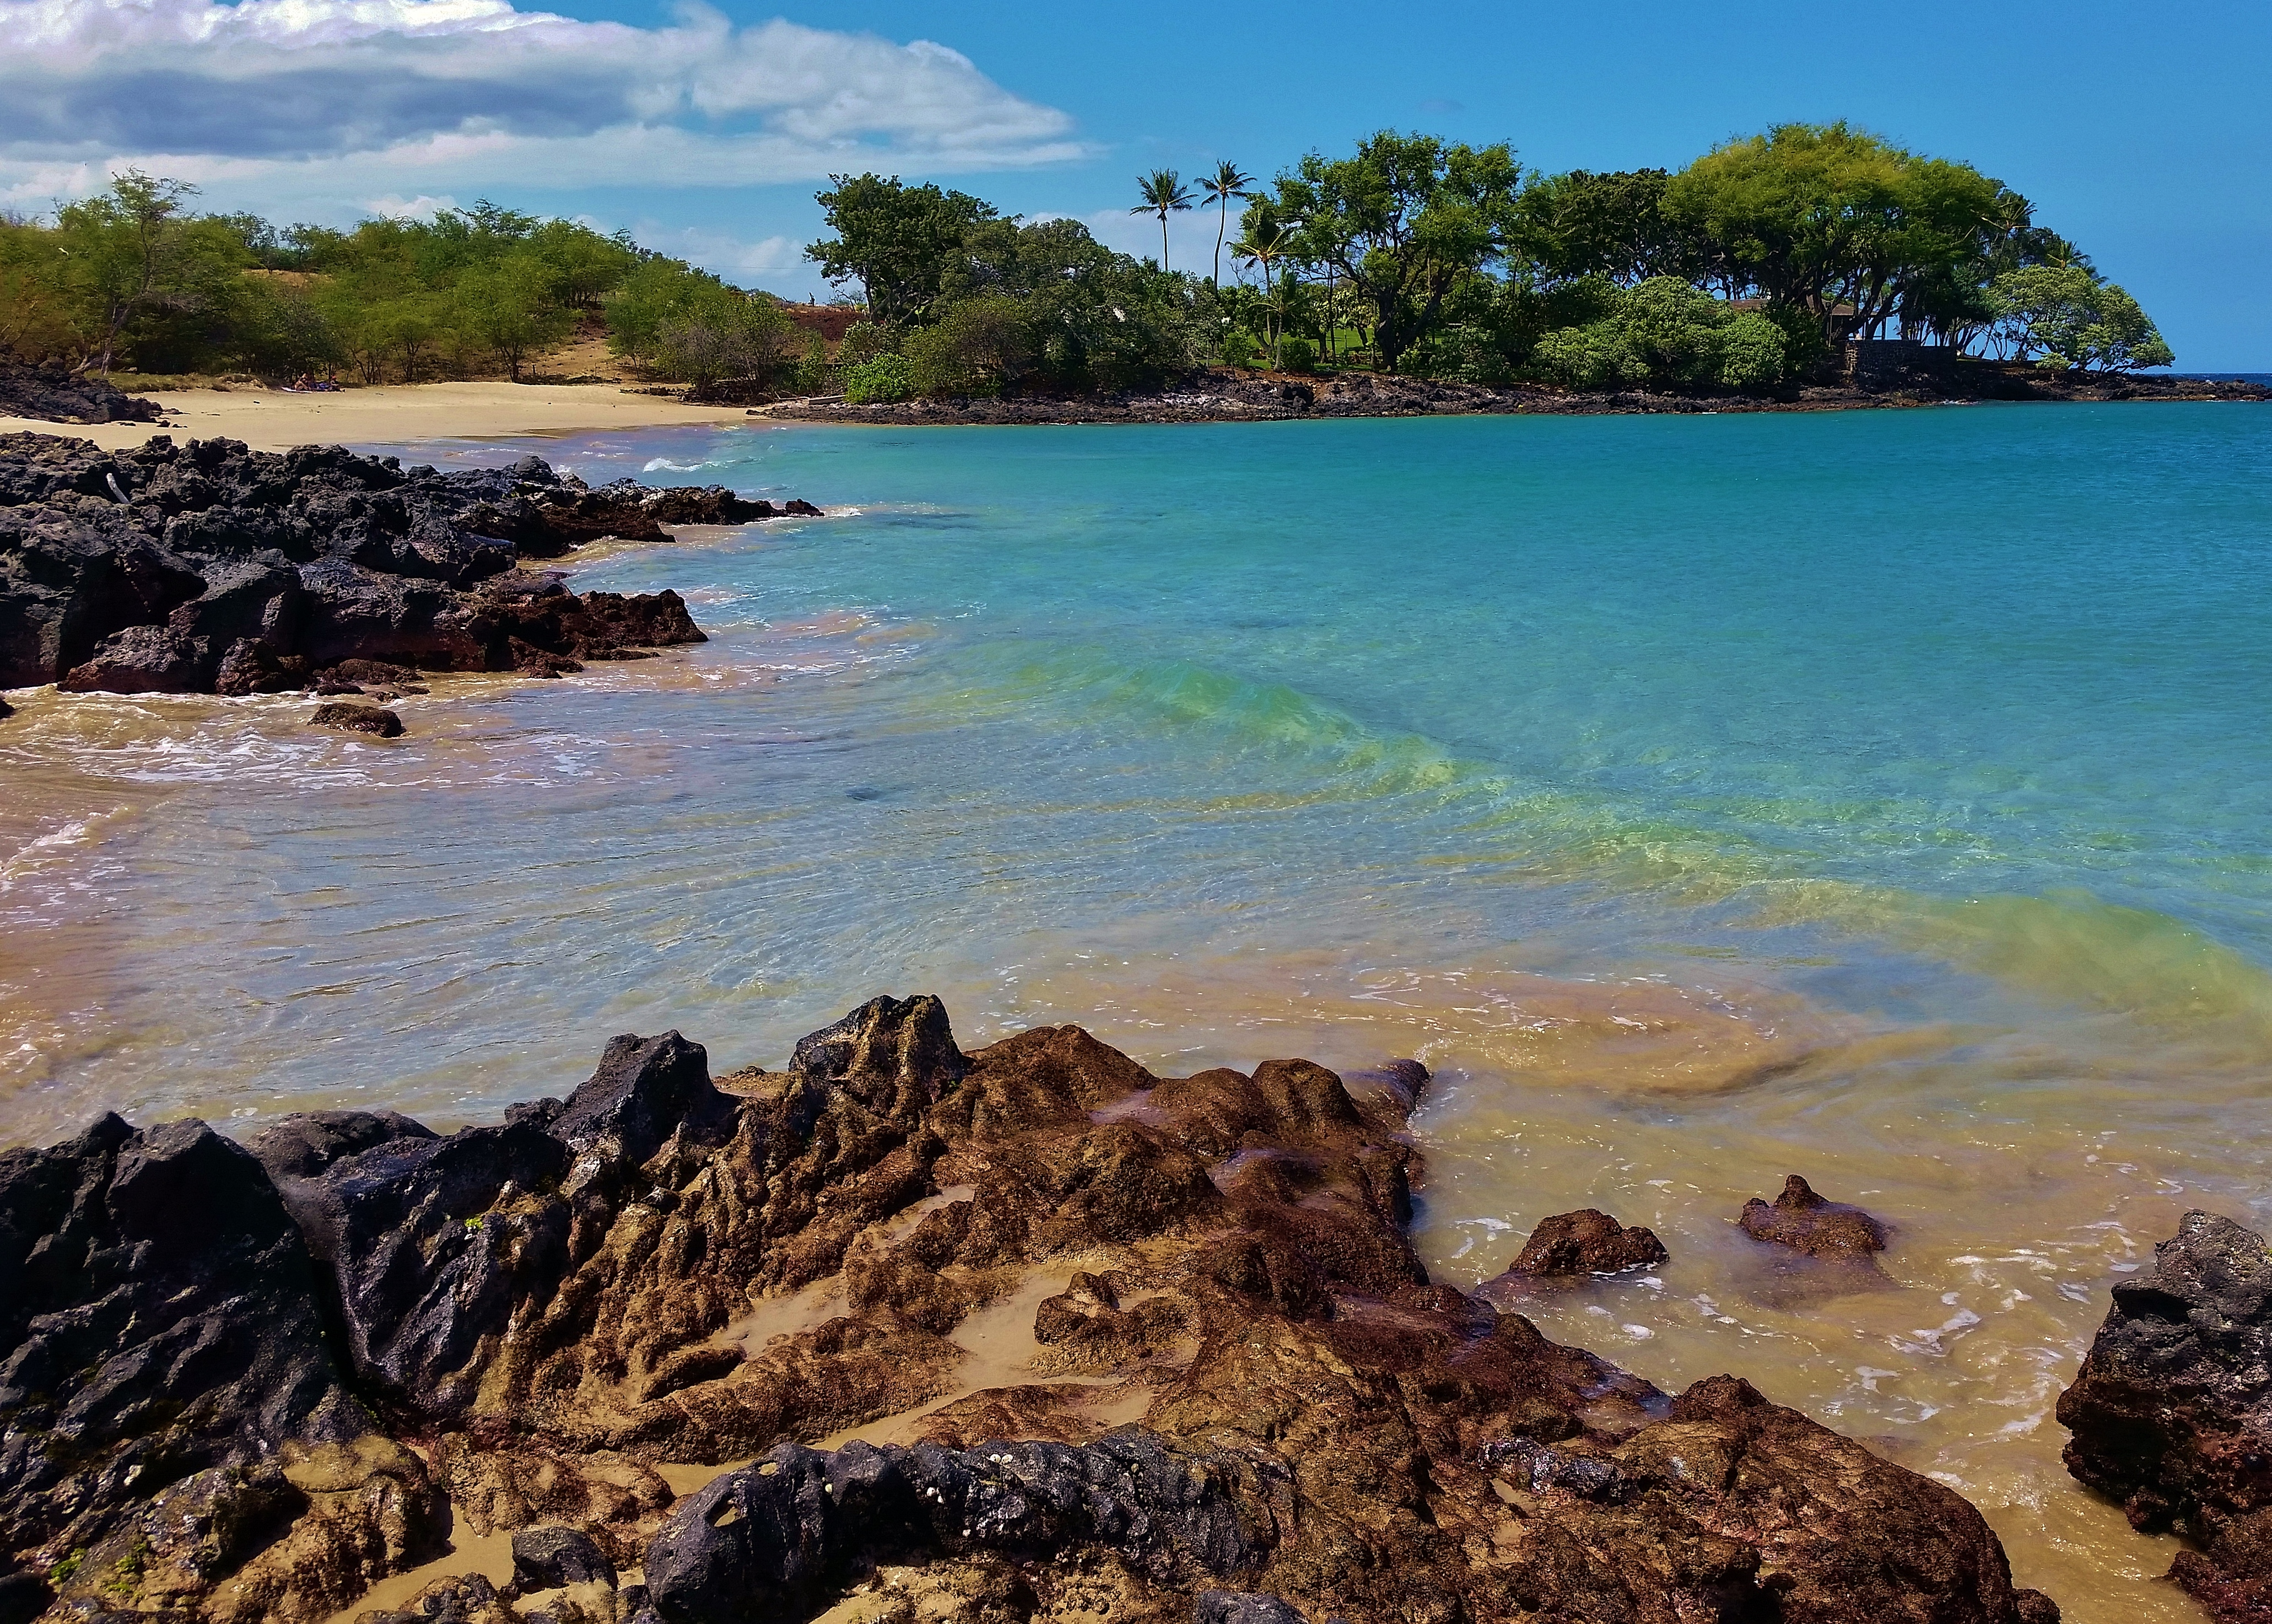 Mau'uma'e_Beach_volcano_mountain_retreat_b&b_big_island_hawaii